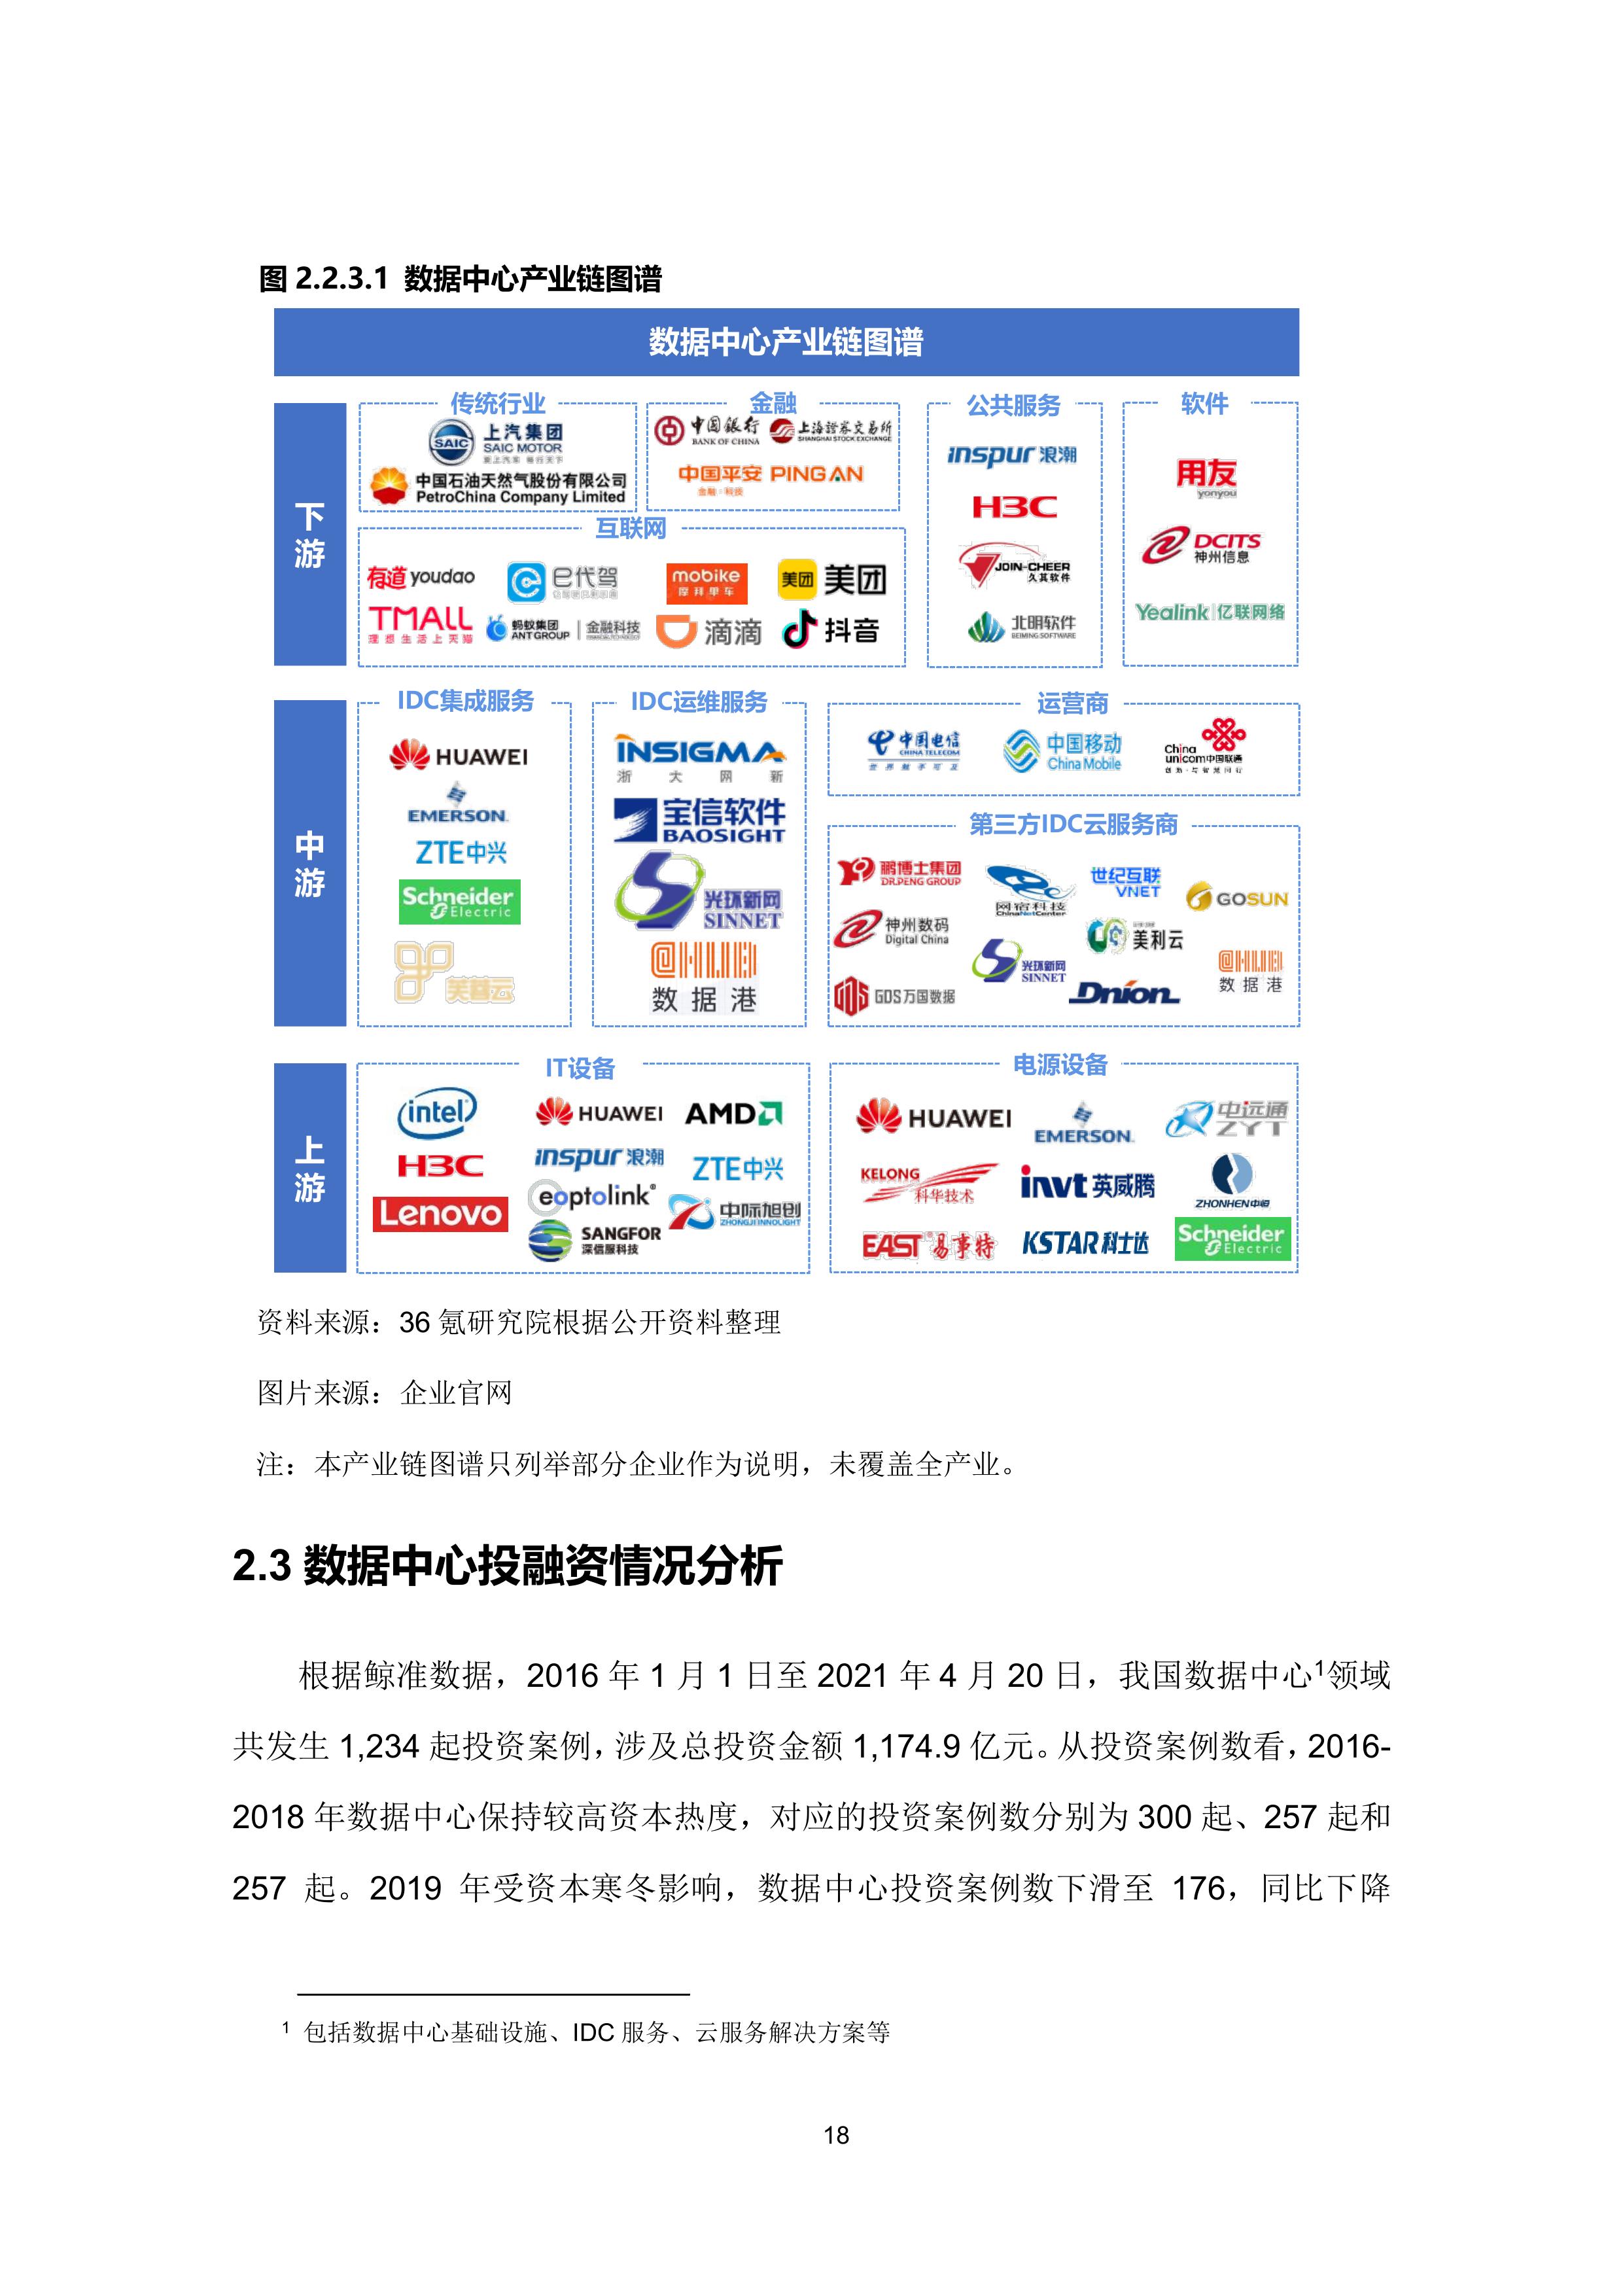 36氪研究院 - 新基建系列之:2020年中国城市数据中心发展指数报告-大菠萝官网(图29)